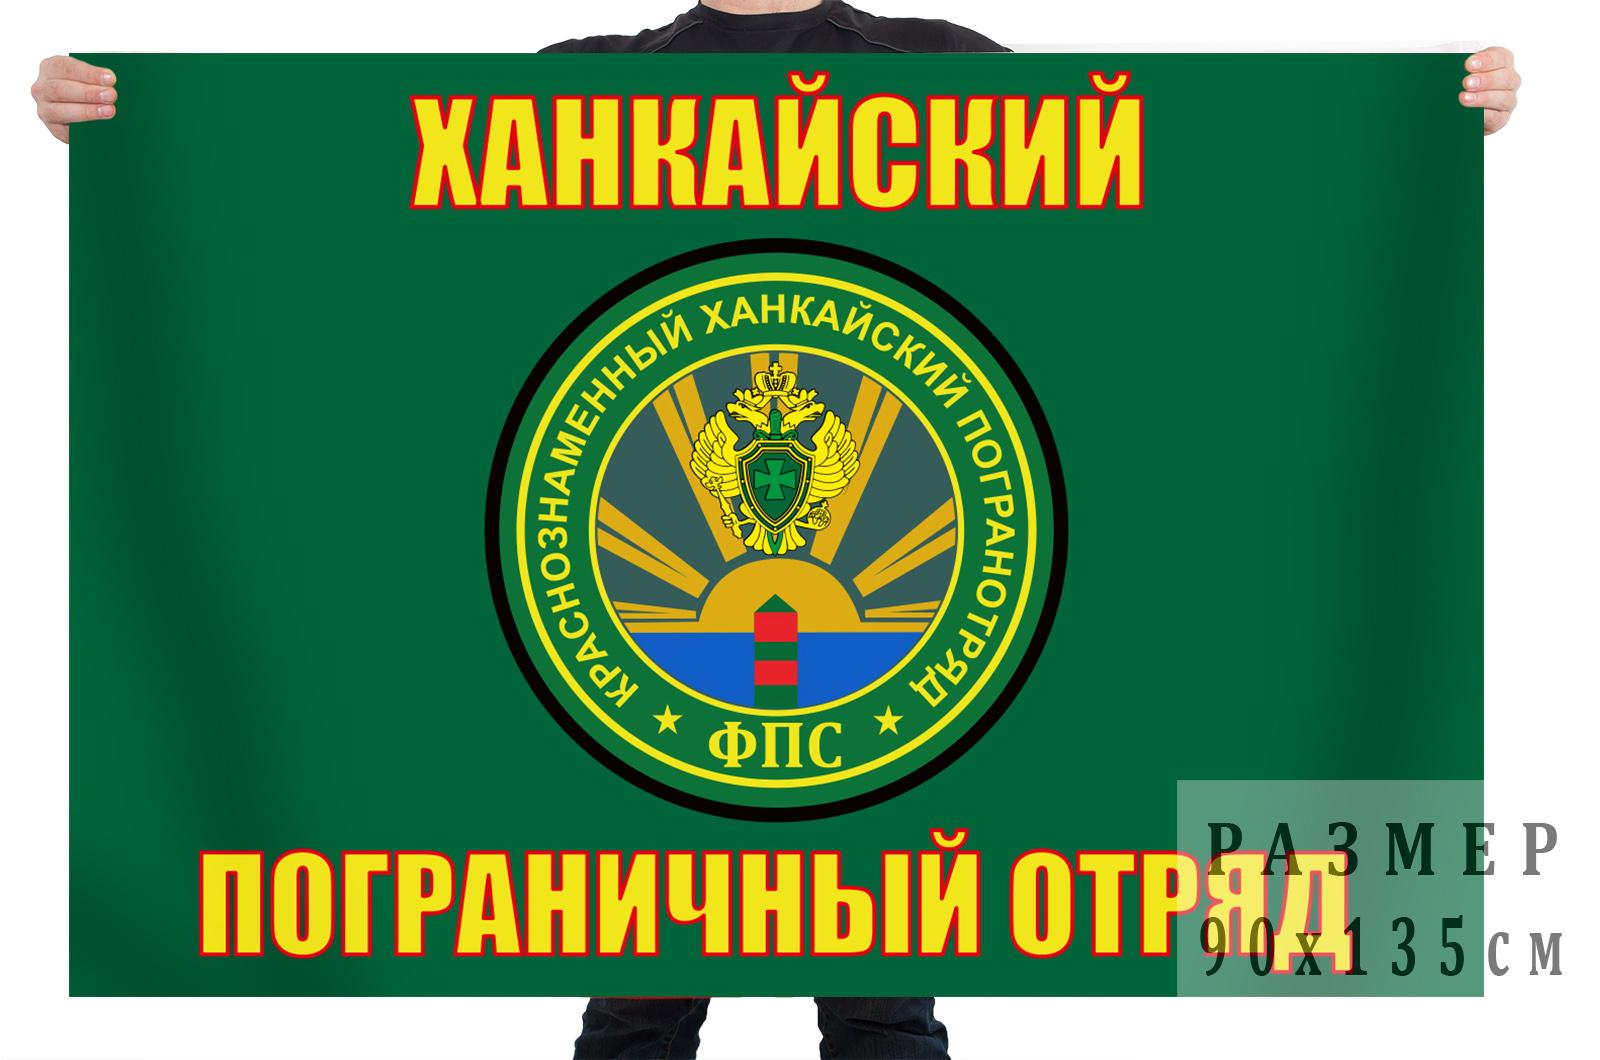 Флаг Ханкайского погранотряда